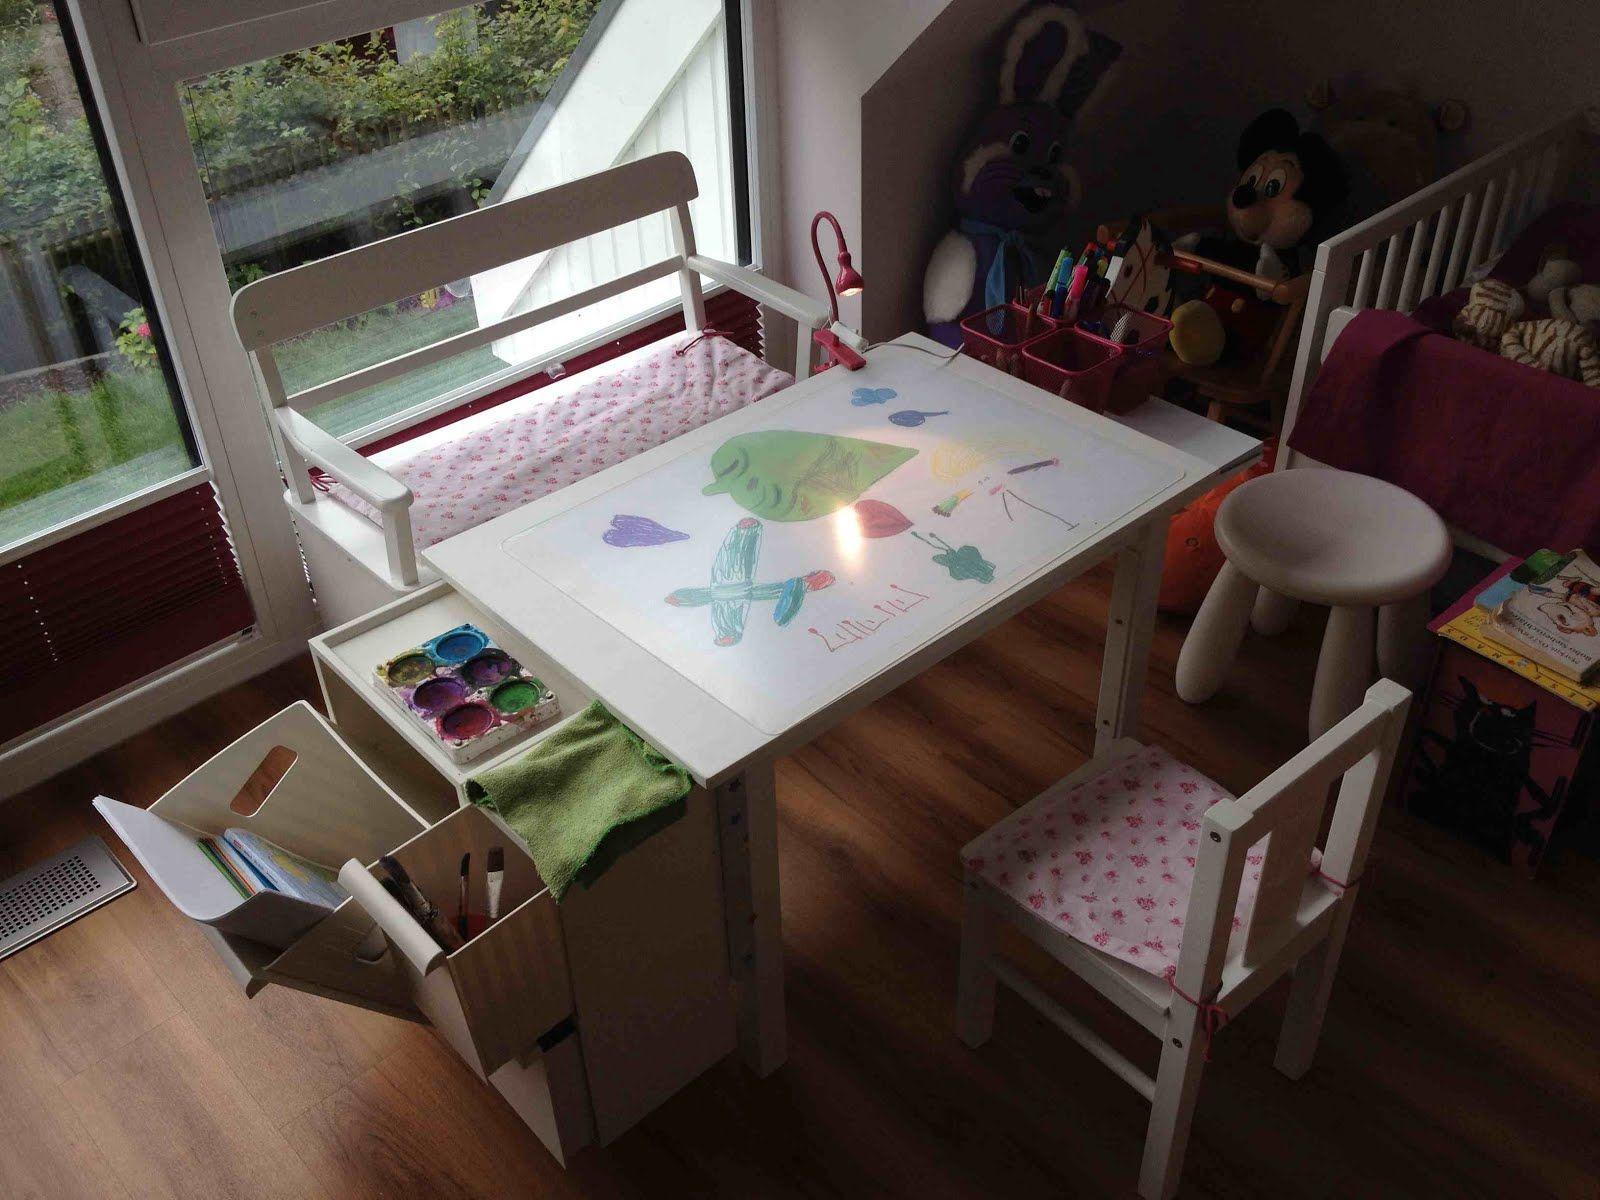 Art desk for kids